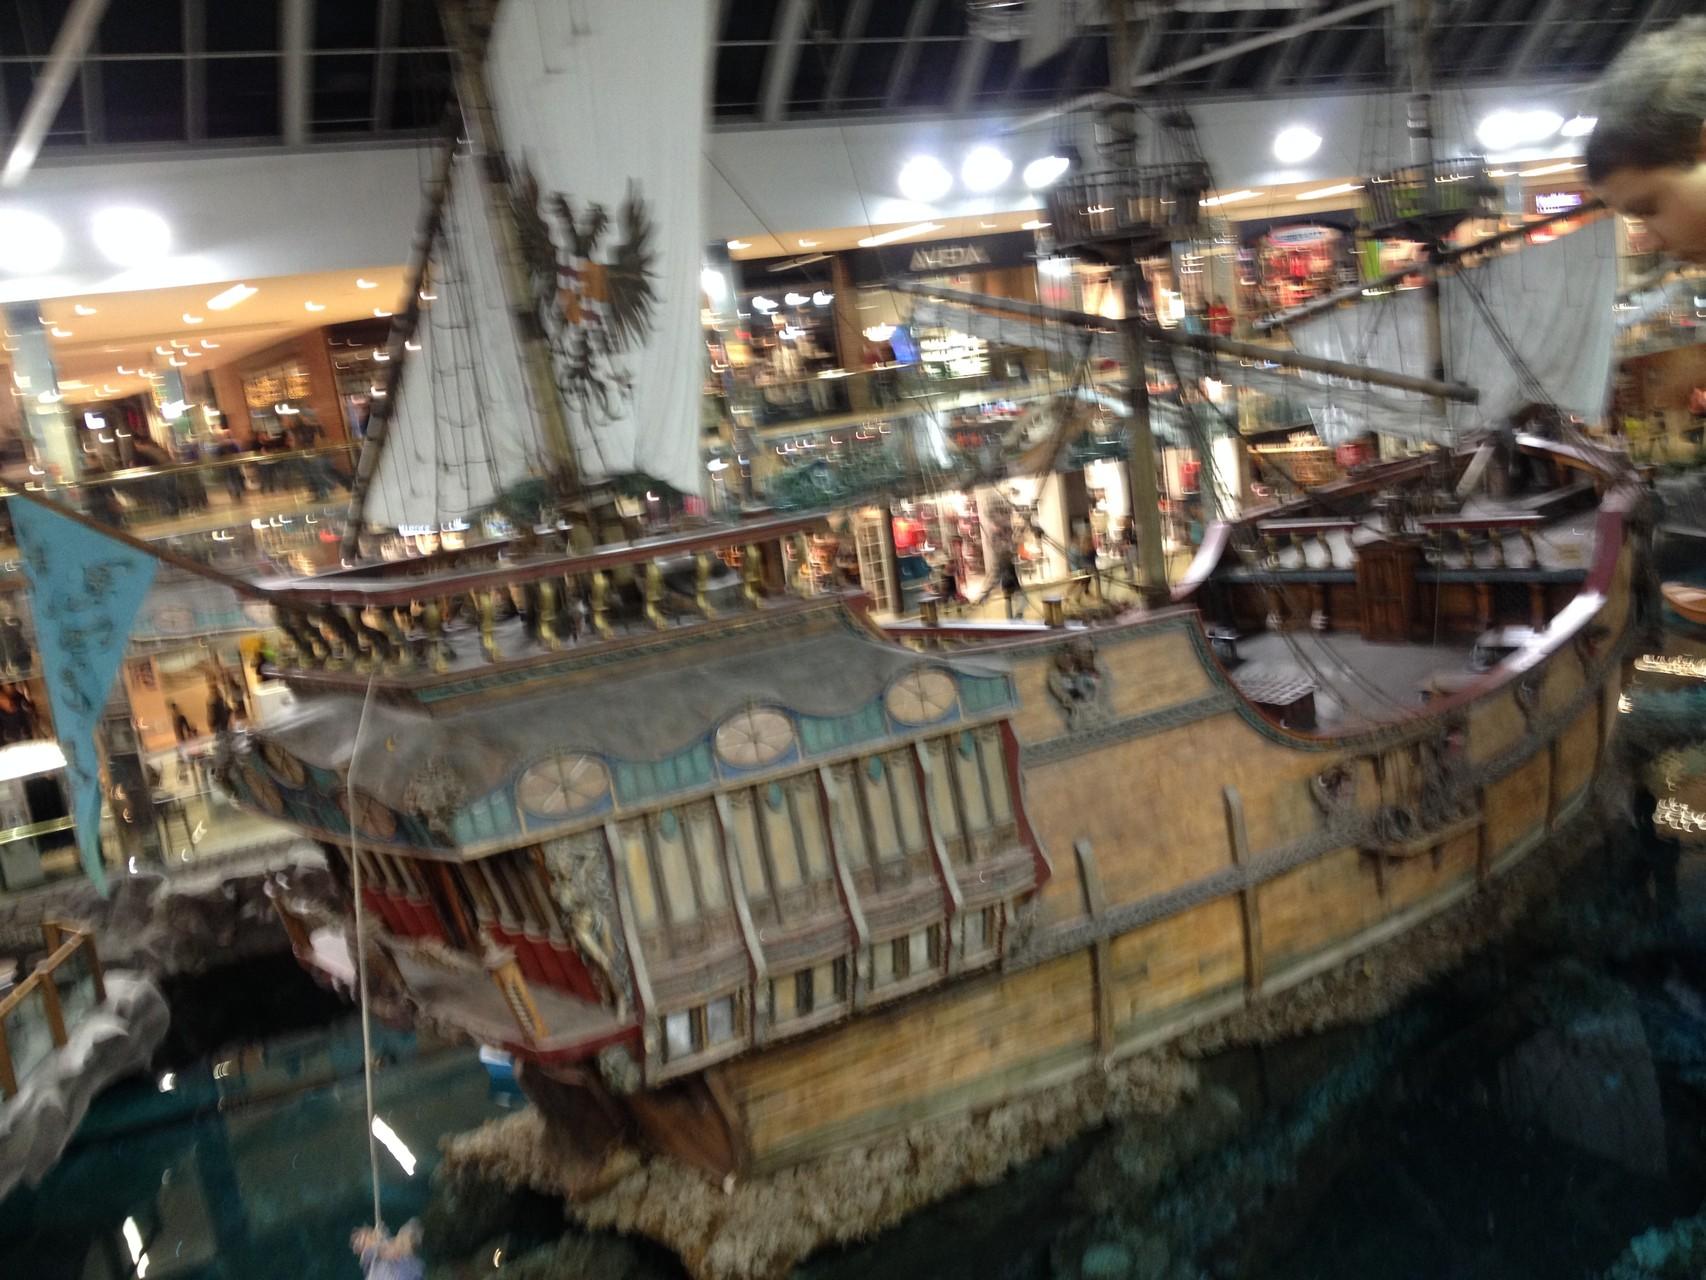 größte Mall Nordamerikas - inklusive Schiff, Minigolfplatz, Hotel, Wasserpark...